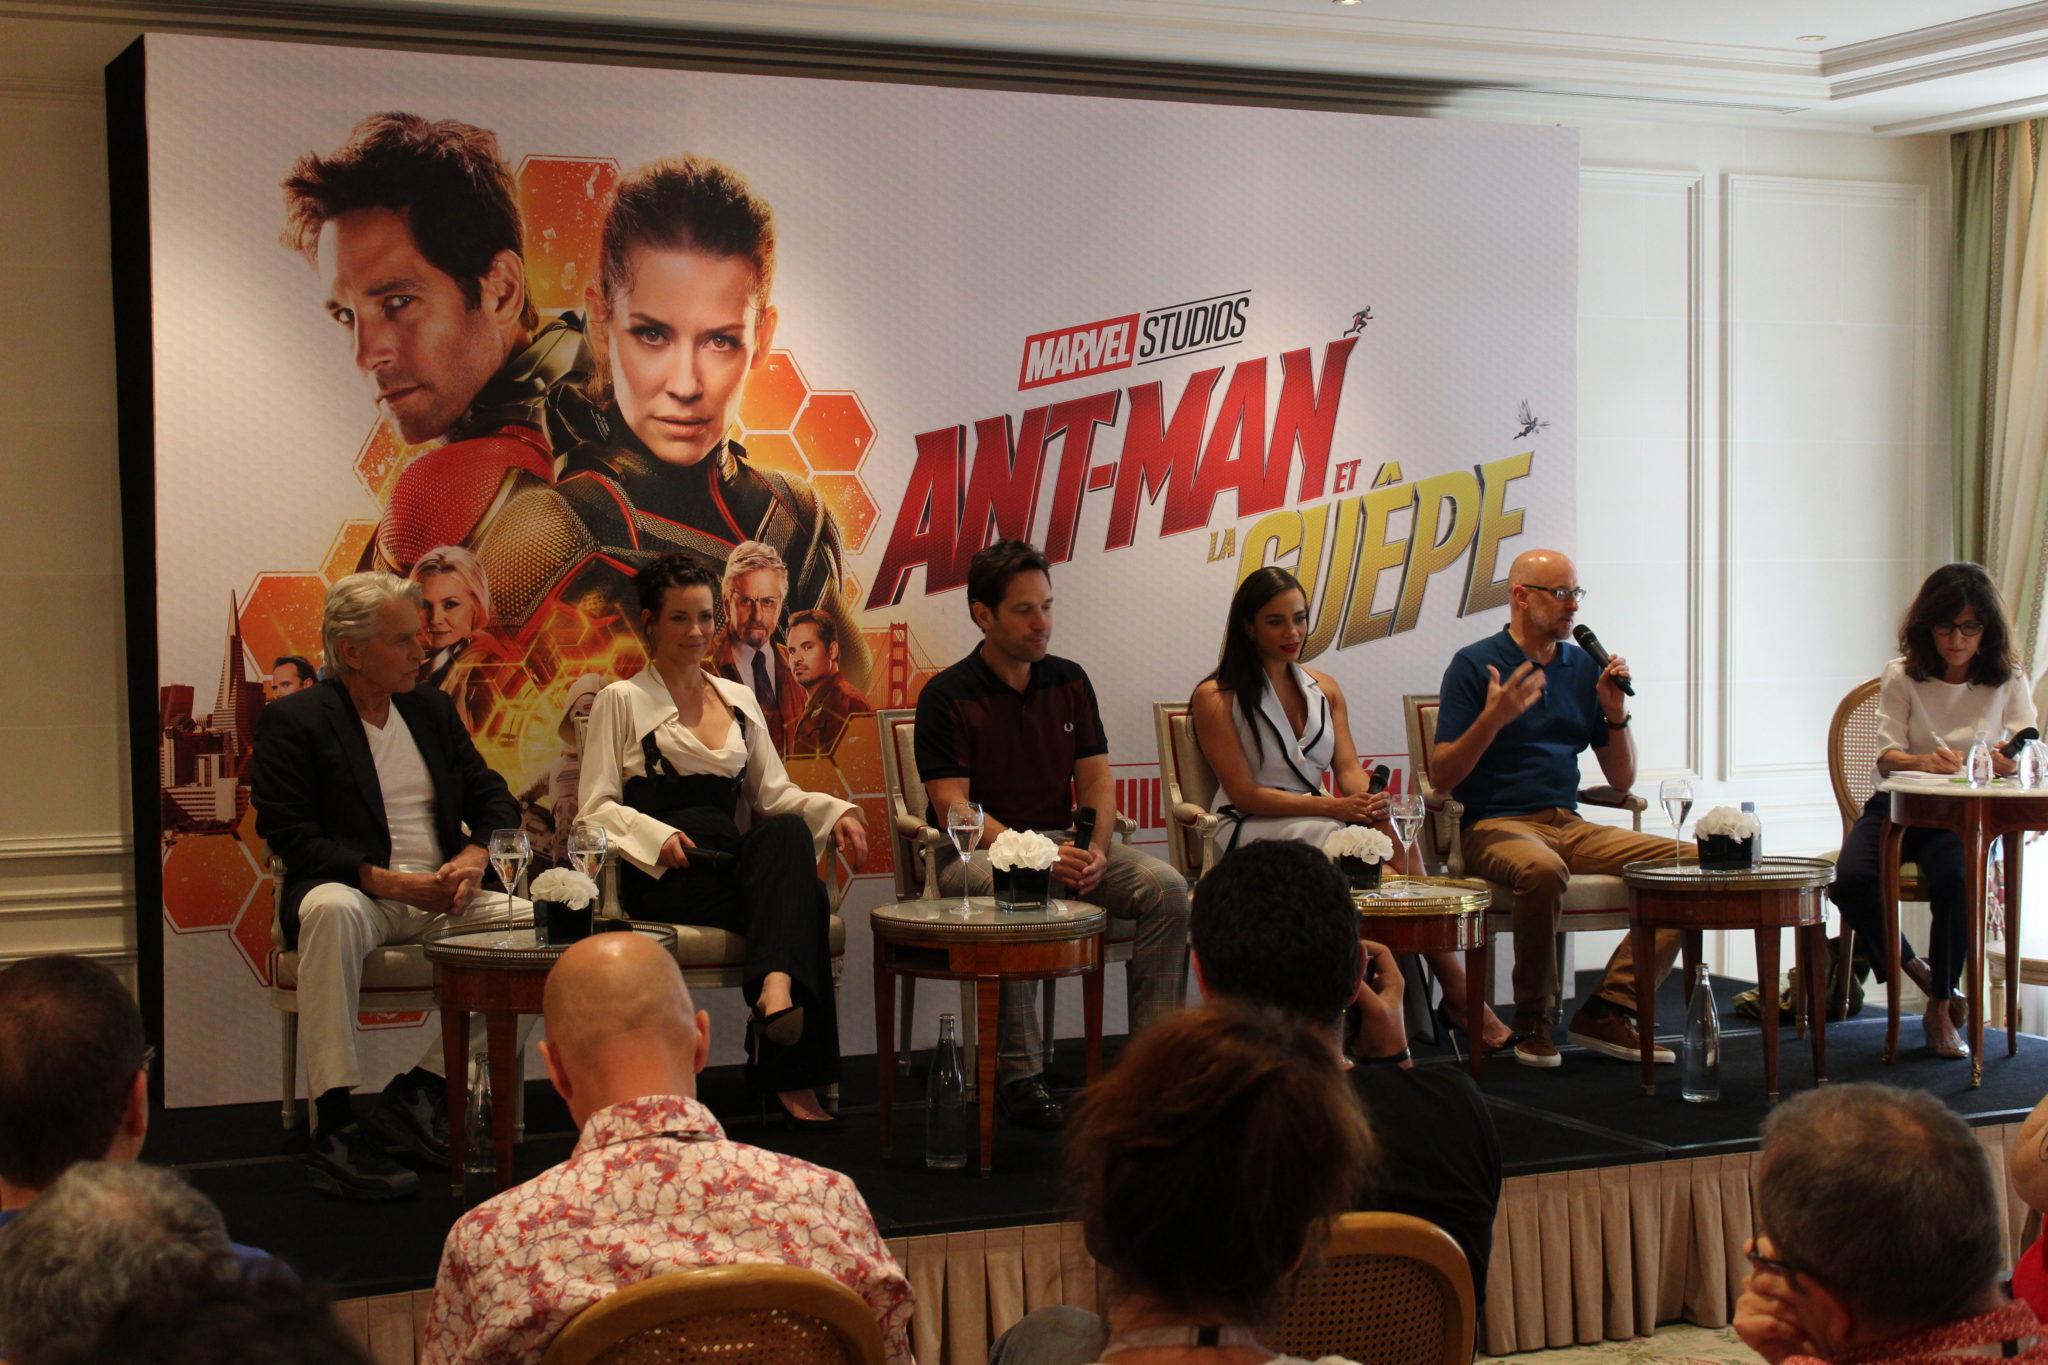 Ant-Man et la Guêpe conférence de presse junket avec l'équipe du film avant-première européenne